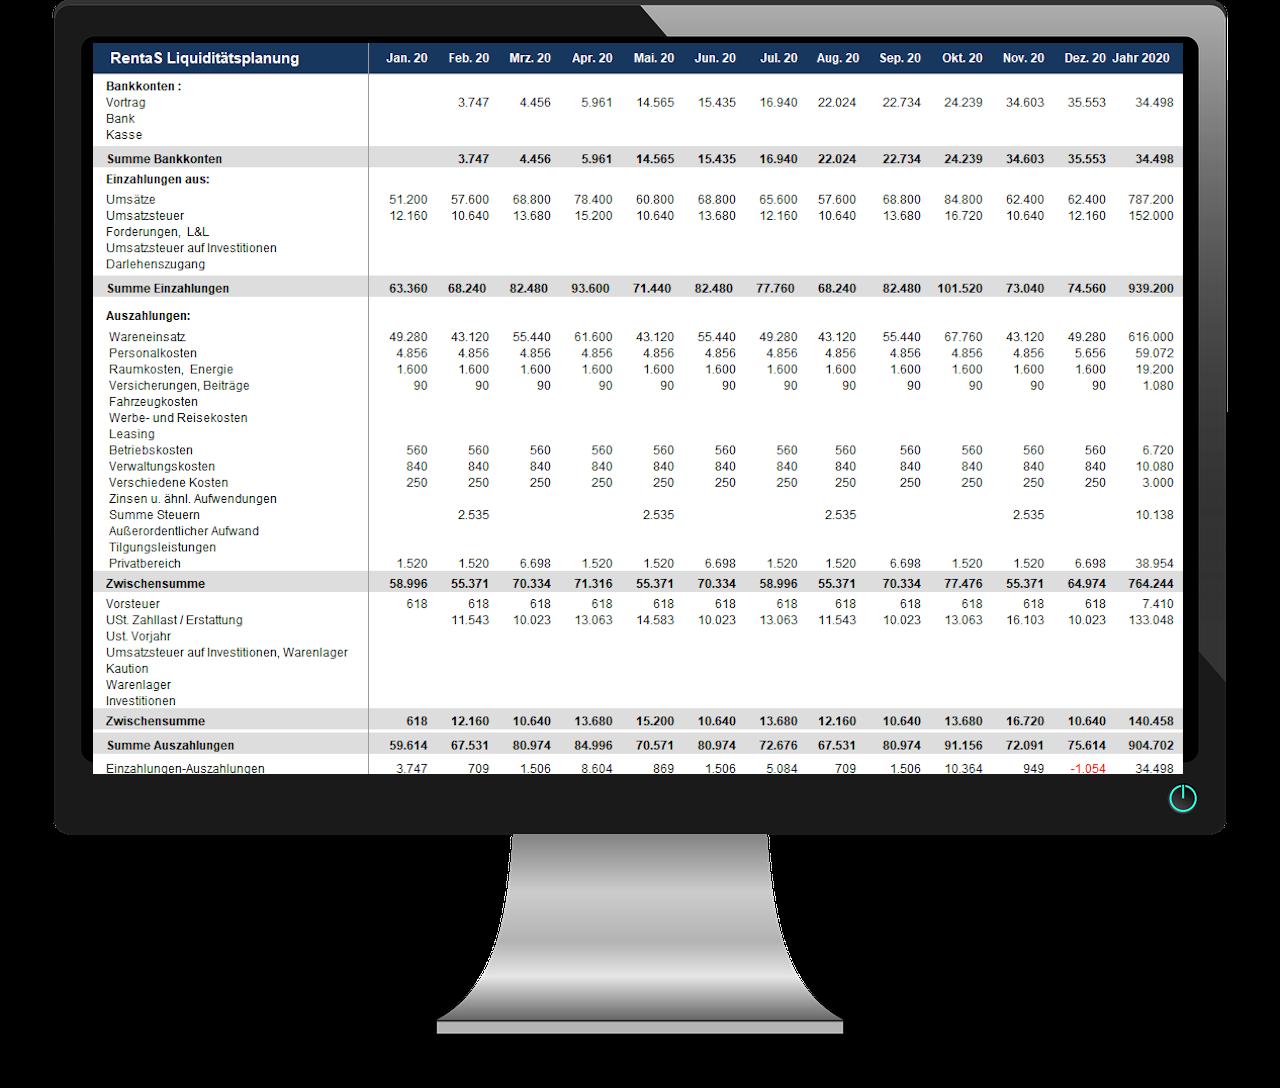 Rentas_Liquiditätsplanung